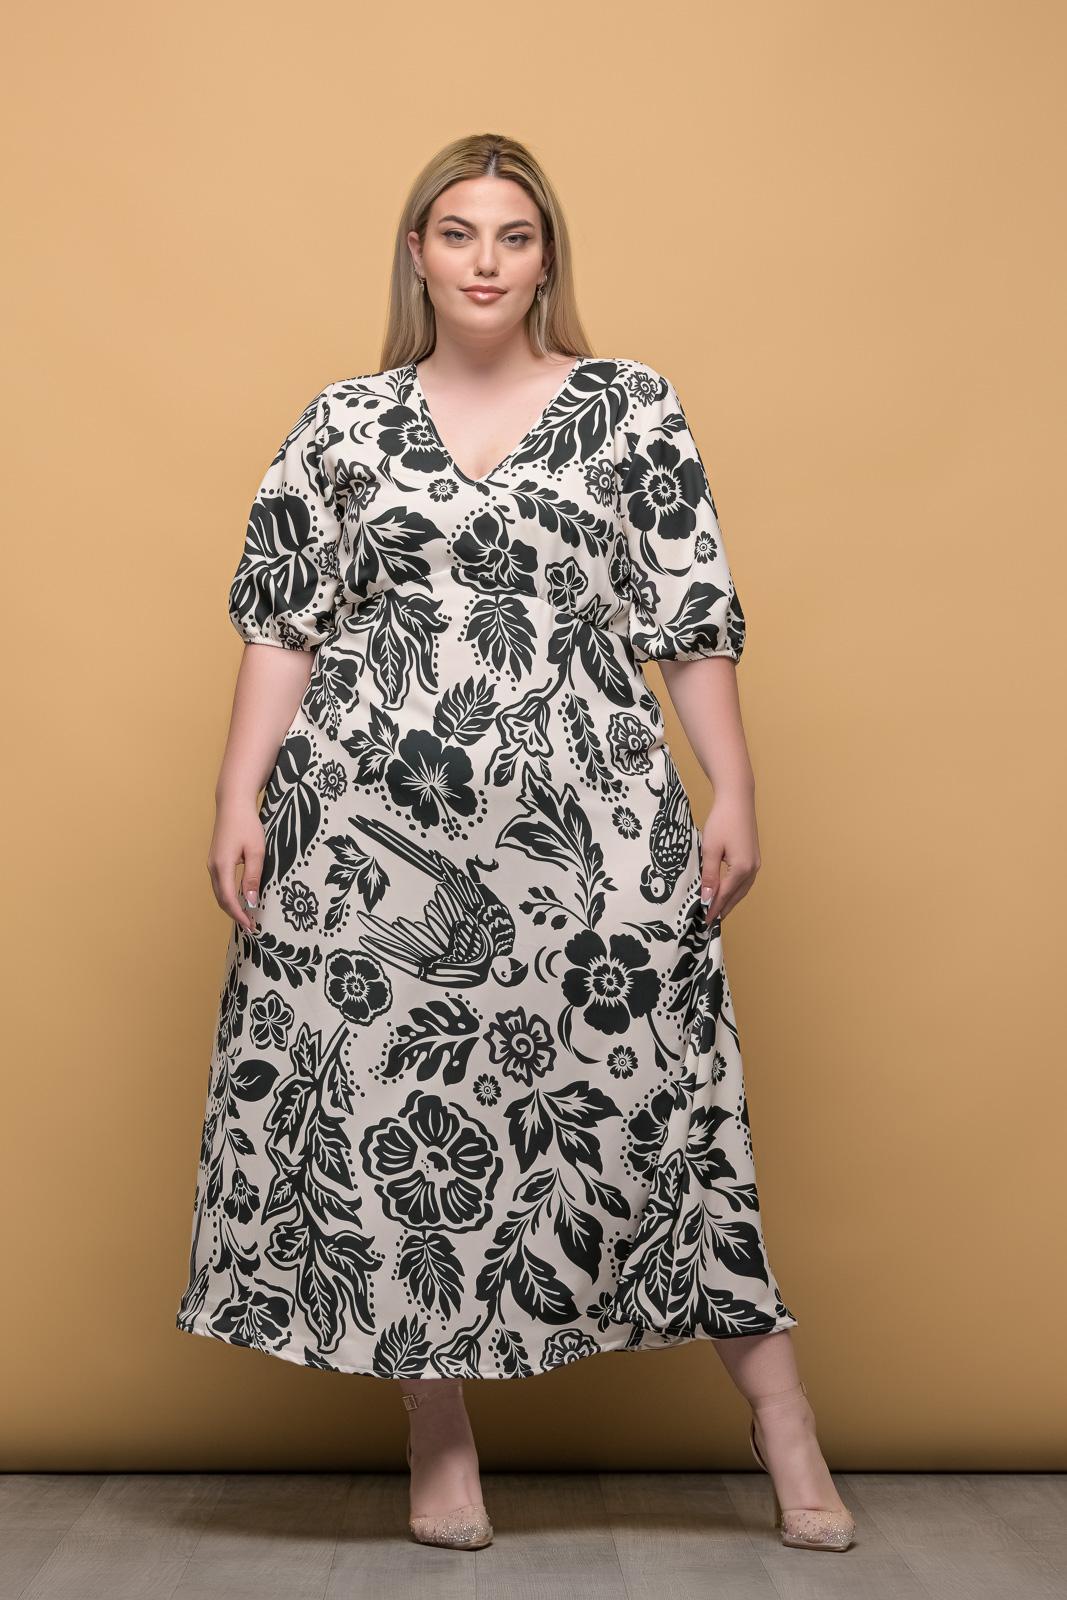 Φόρεμα floral με V λάστιχο στα μανίκια και φερμουάρ